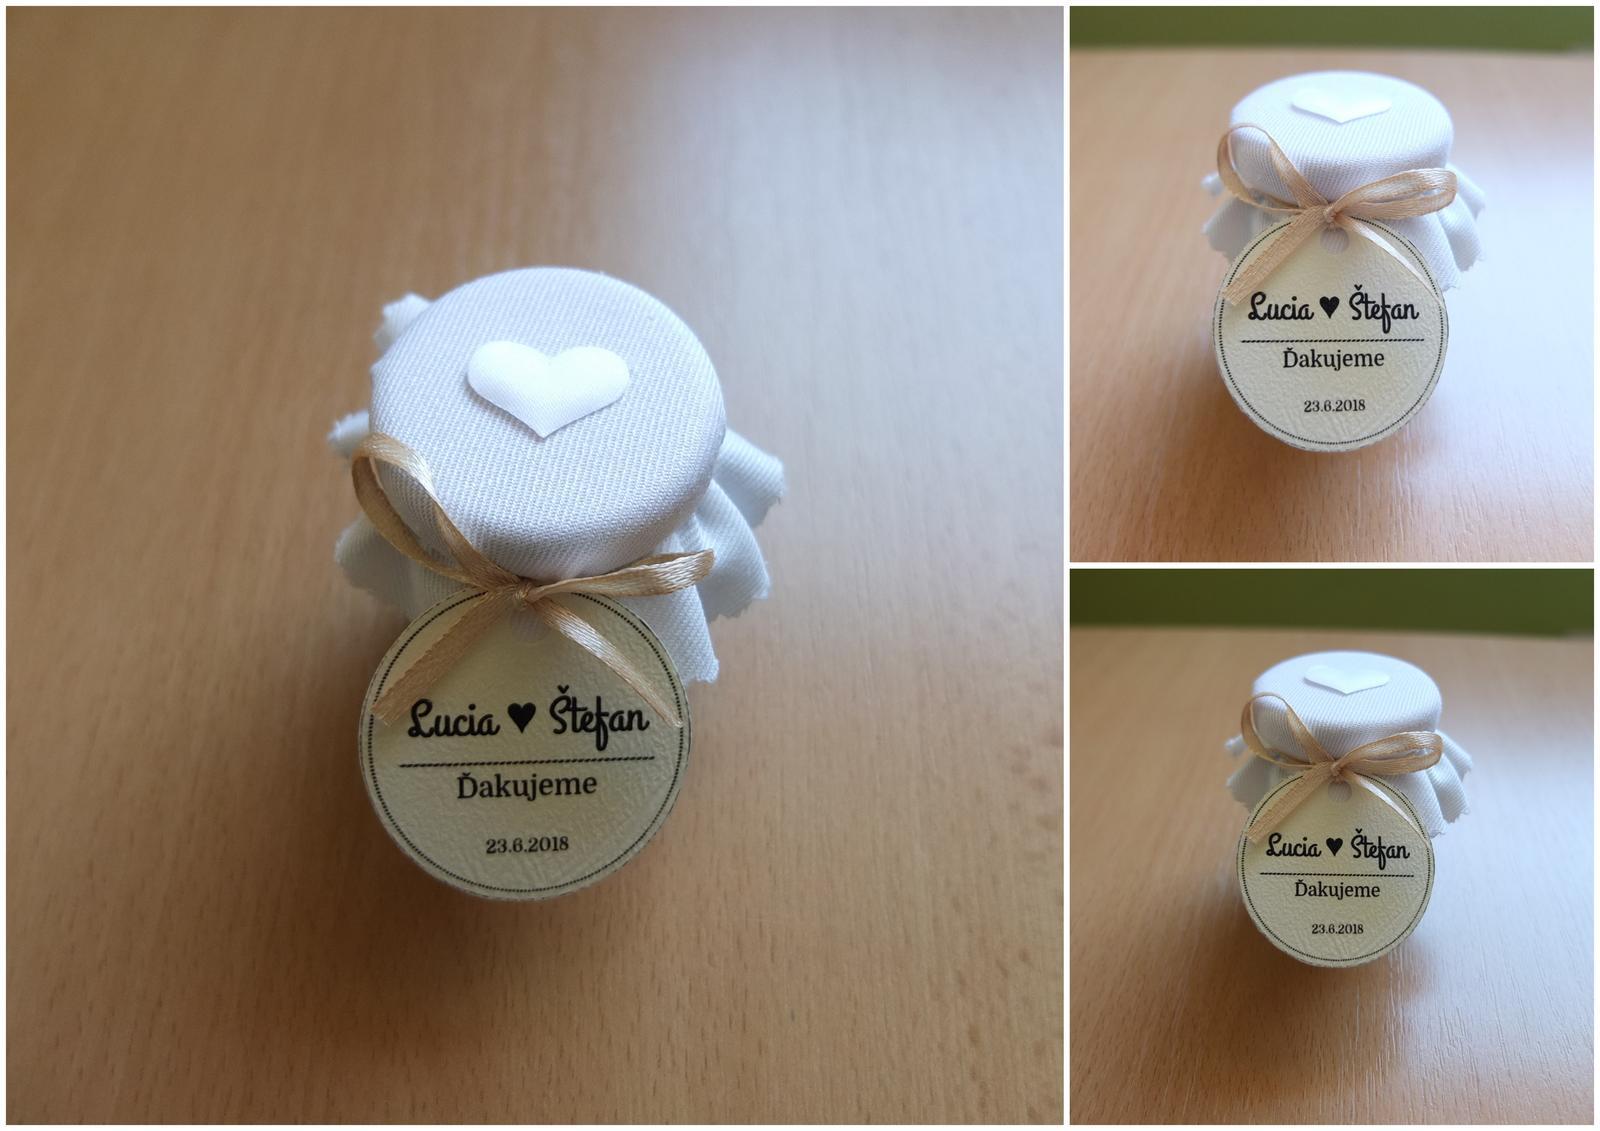 ♥ Prípravy v plnom prúde ♥ - Darčeky pre svadobných hostí (pečený čaj) ... PO